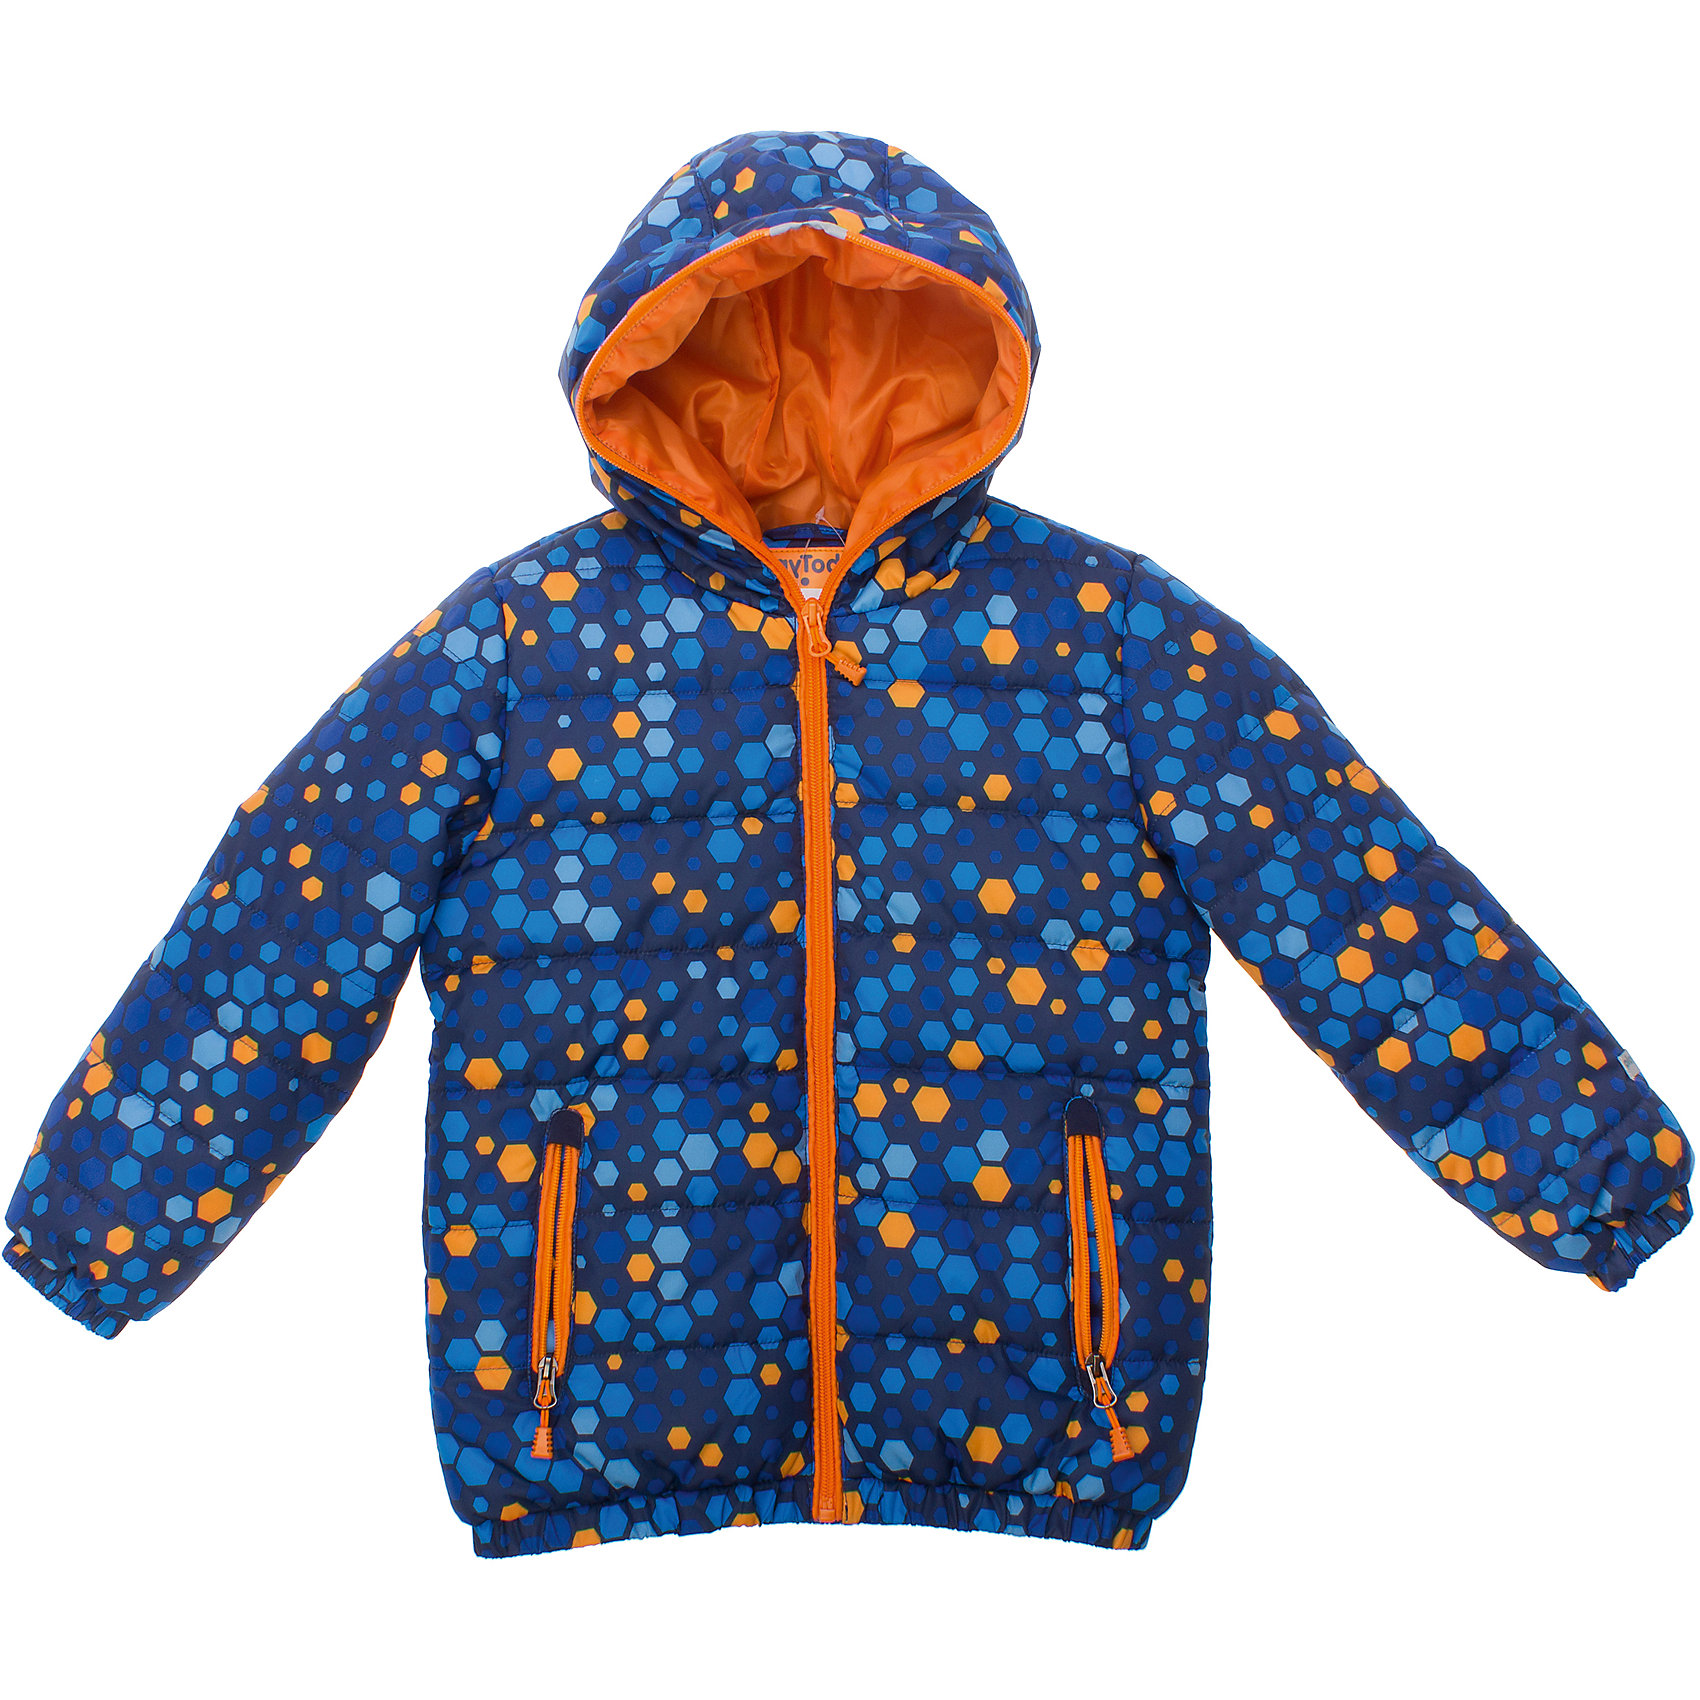 Куртка для мальчика PlayTodayКуртка для мальчика PlayToday <br><br>Состав: <br>Верх: 100% полиэстер<br>Подкладка: 100% полиэстер<br>Наполнитель: 100% полиэстер <br><br>Ткань в набивку<br>Застегивается на молнию по центру<br>Молния застегивается до самого верха капюшона<br>Подкладка - таффета<br>Рукава и низ на резинке<br>Два кармана на молнии<br><br>Ширина мм: 356<br>Глубина мм: 10<br>Высота мм: 245<br>Вес г: 519<br>Цвет: синий<br>Возраст от месяцев: 72<br>Возраст до месяцев: 84<br>Пол: Мужской<br>Возраст: Детский<br>Размер: 116,98,110,128,104,122<br>SKU: 4503881